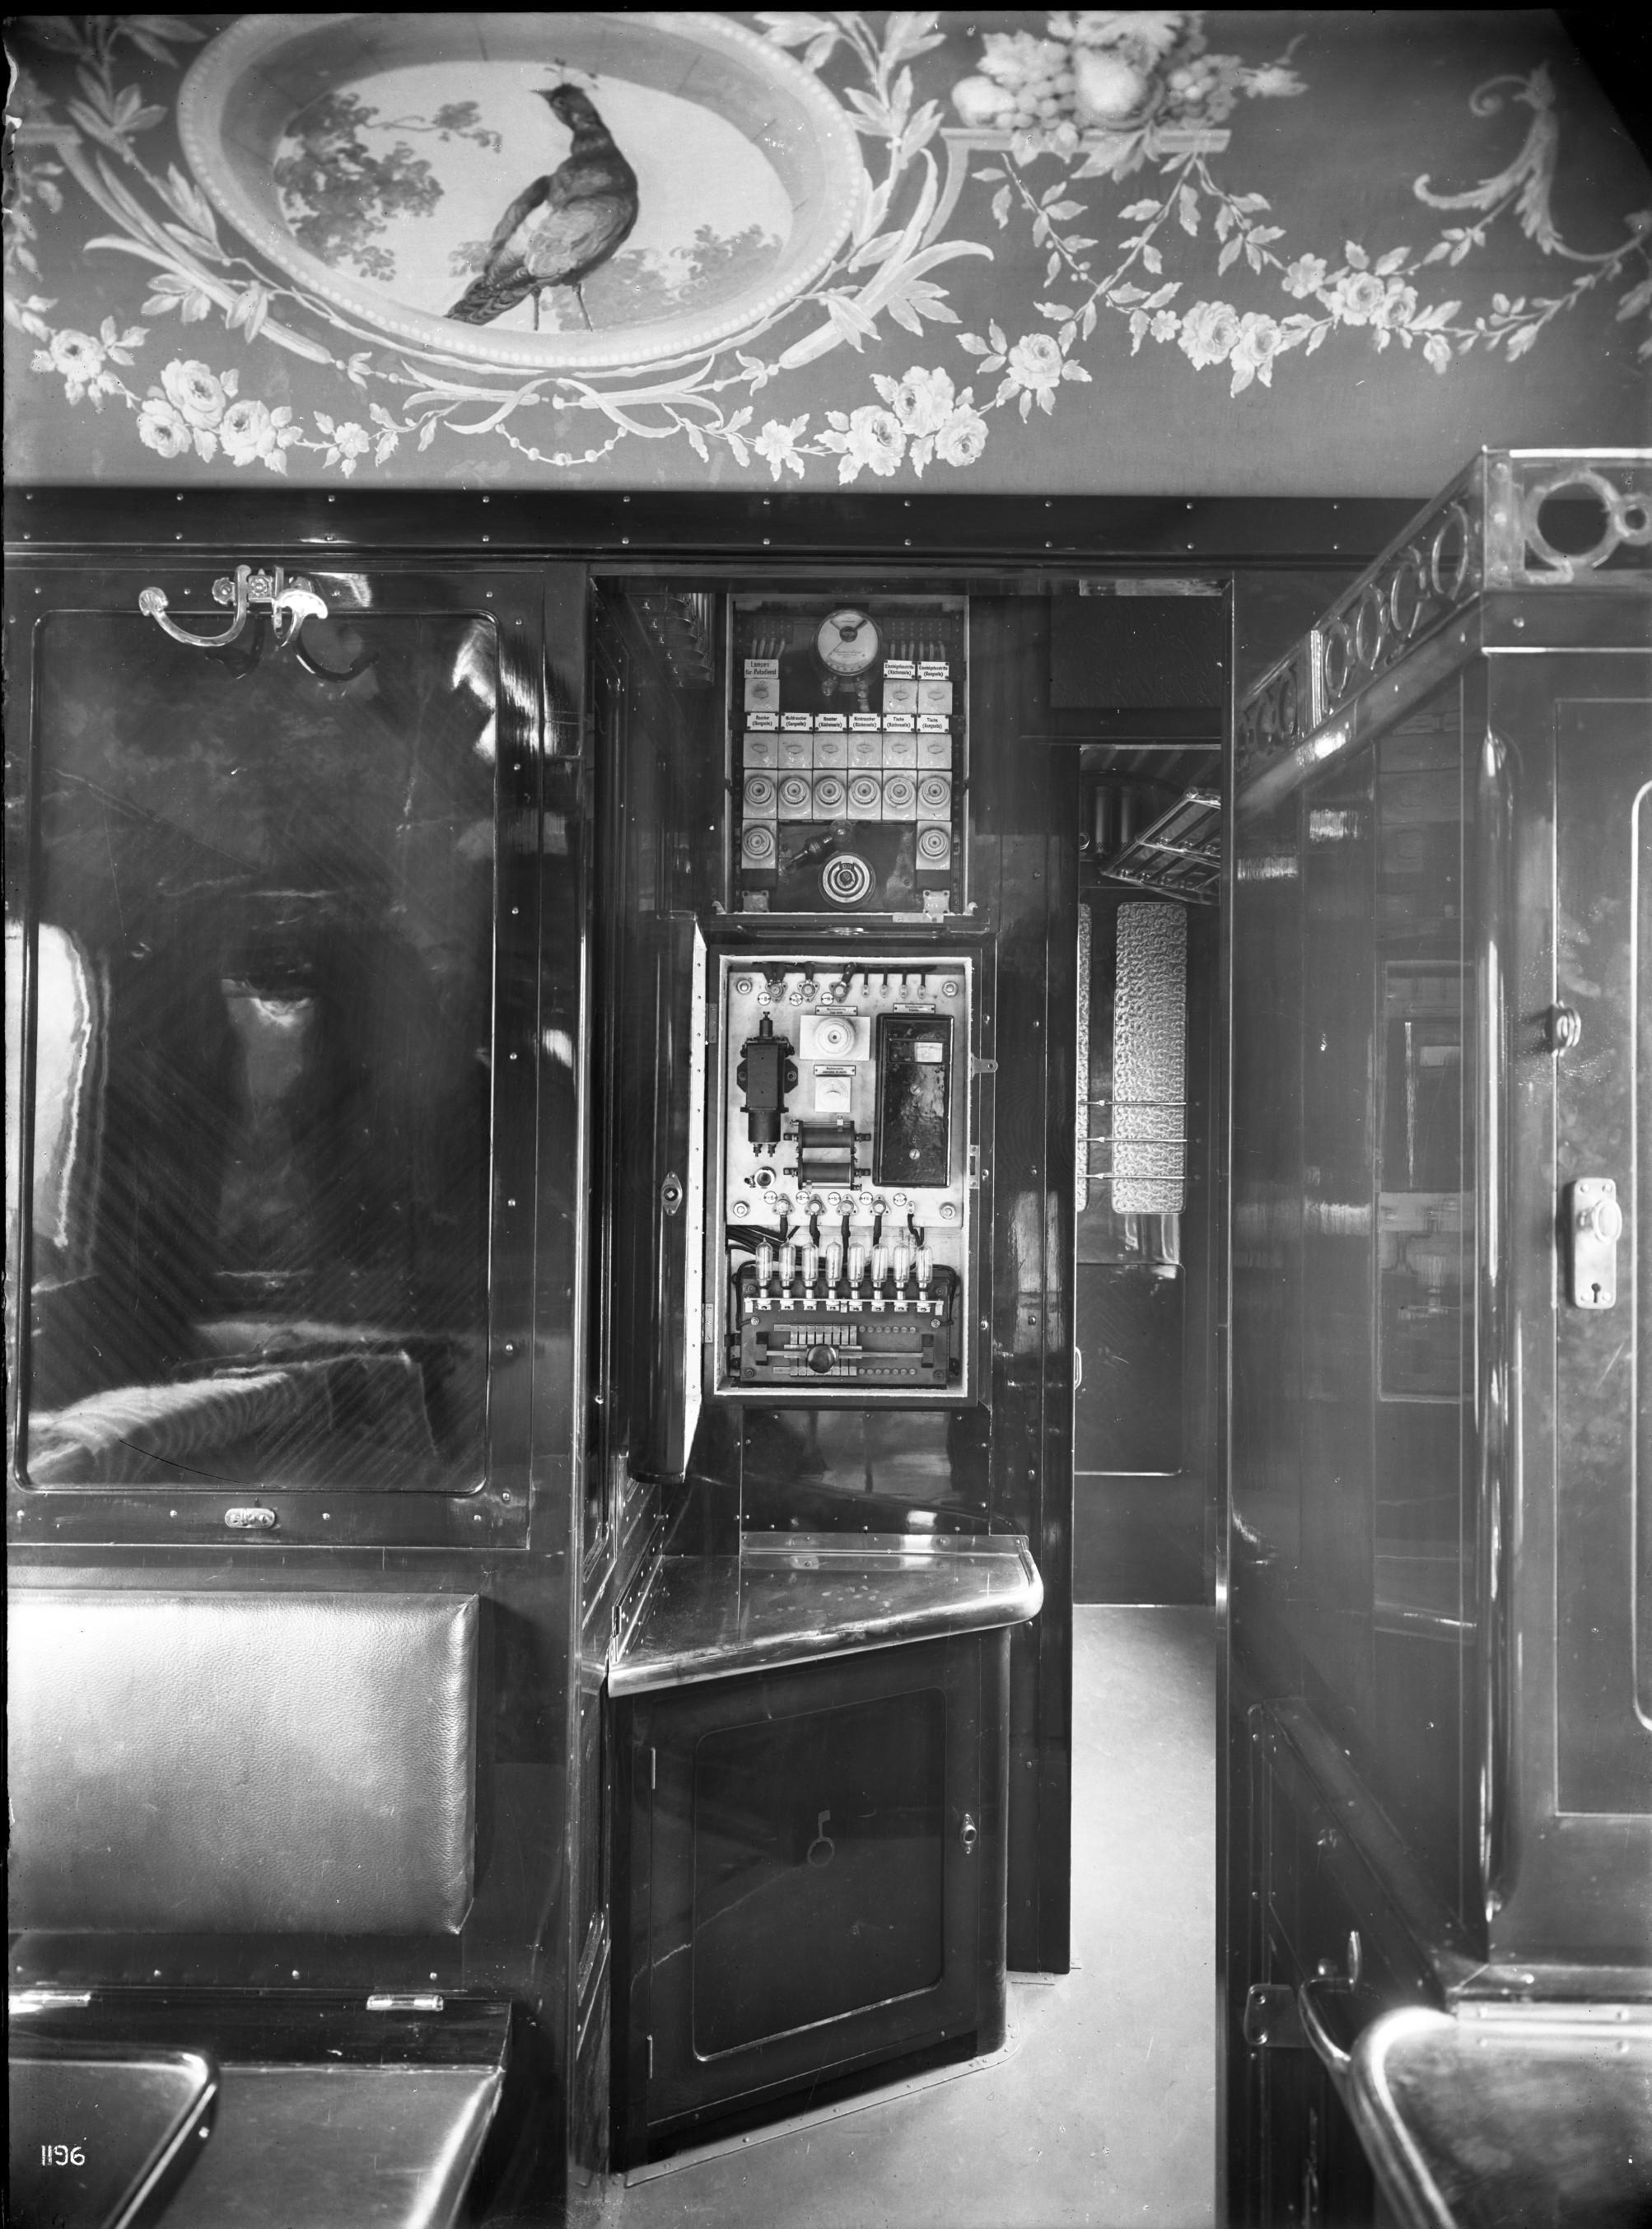 Speisewagen WR 4ü, Nr. 2477, Teakholzaufbau, innenelektrische Schaltanlage, 1912